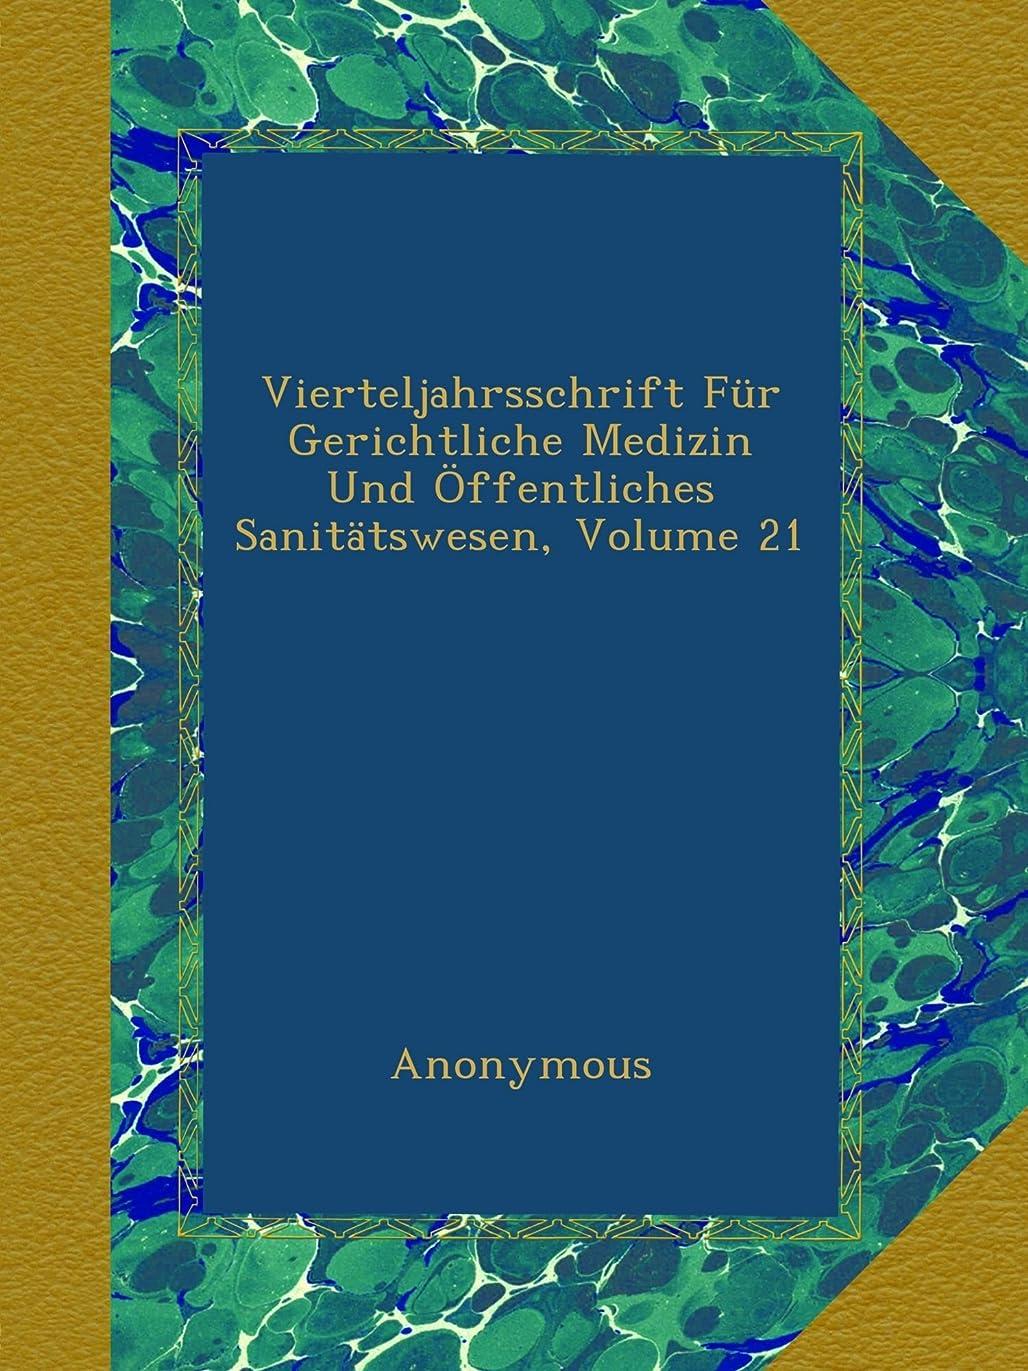 誇りに思うブルマリナーVierteljahrsschrift Fuer Gerichtliche Medizin Und Oeffentliches Sanitaetswesen, Volume 21